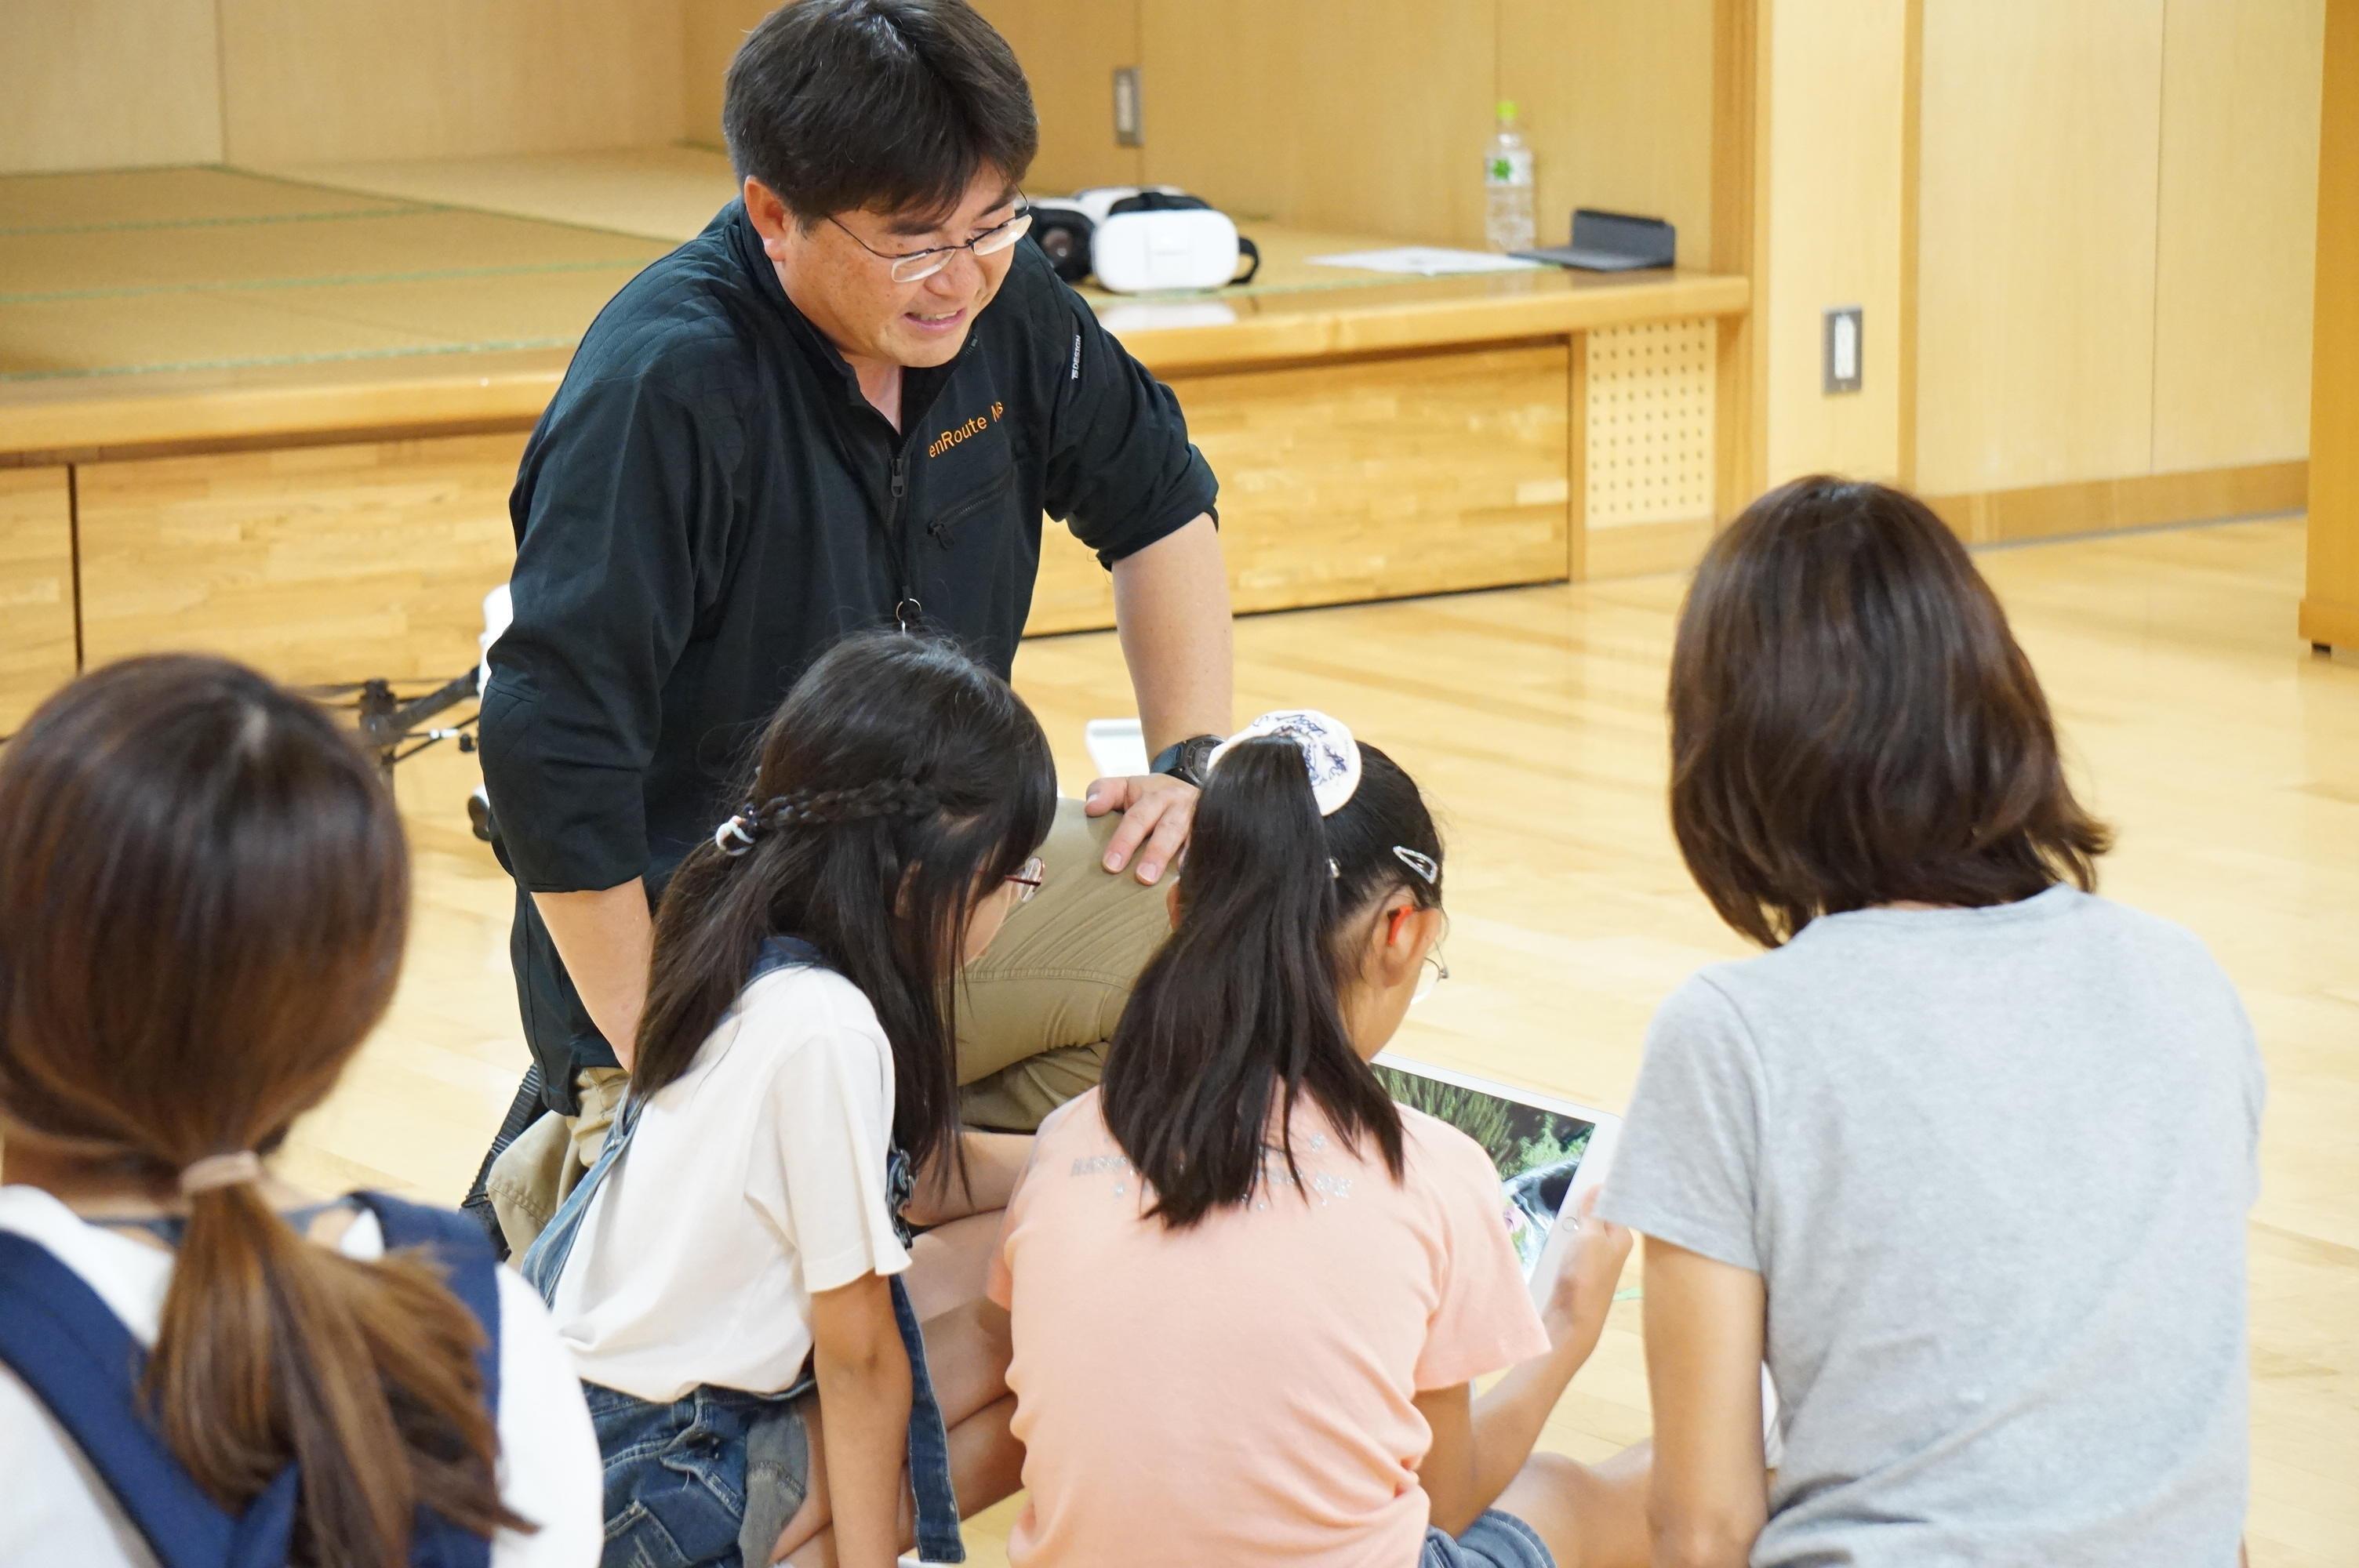 http://news.yoshimoto.co.jp/20161121153558-5e09257ff3b1ea005f8ef21fcfd18062feed2974.jpg